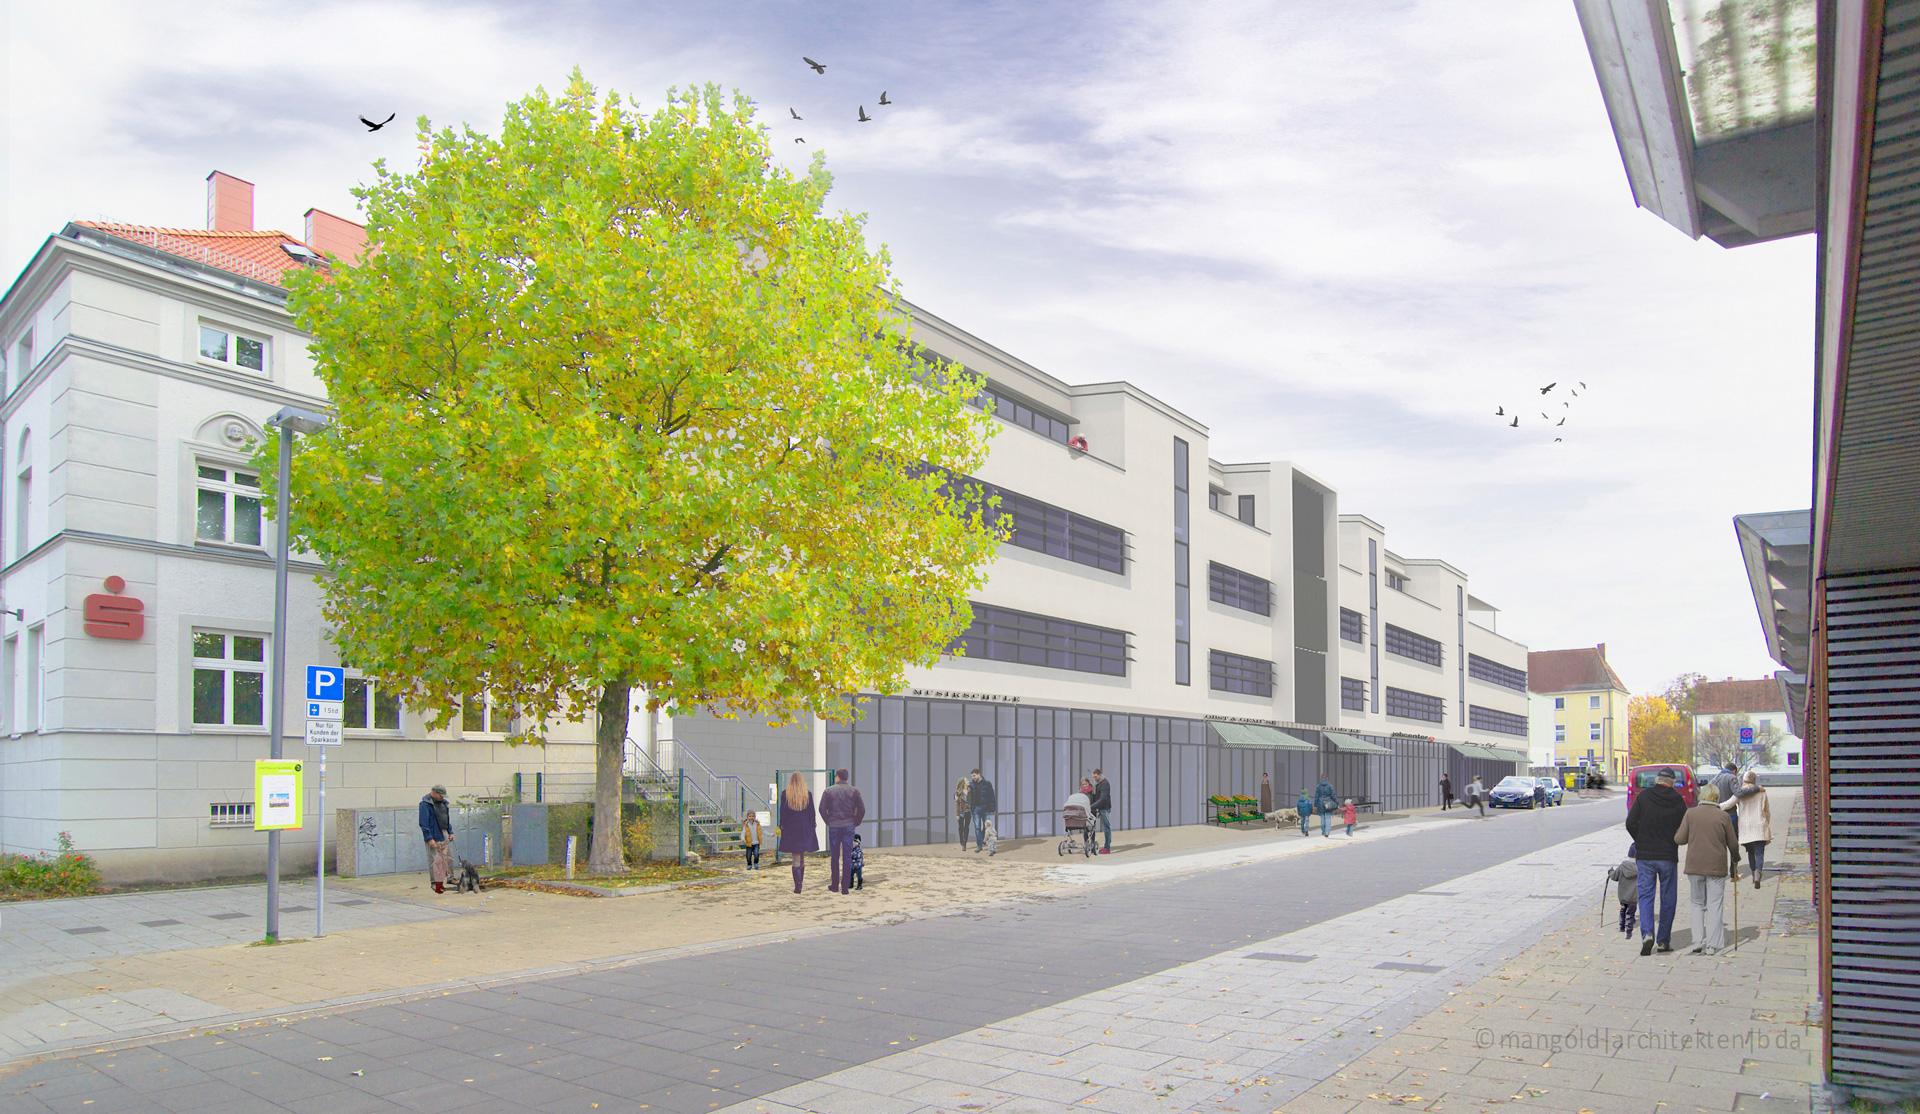 Bahnstrasse Falkensee Verwaltungs und Geschäftshaus